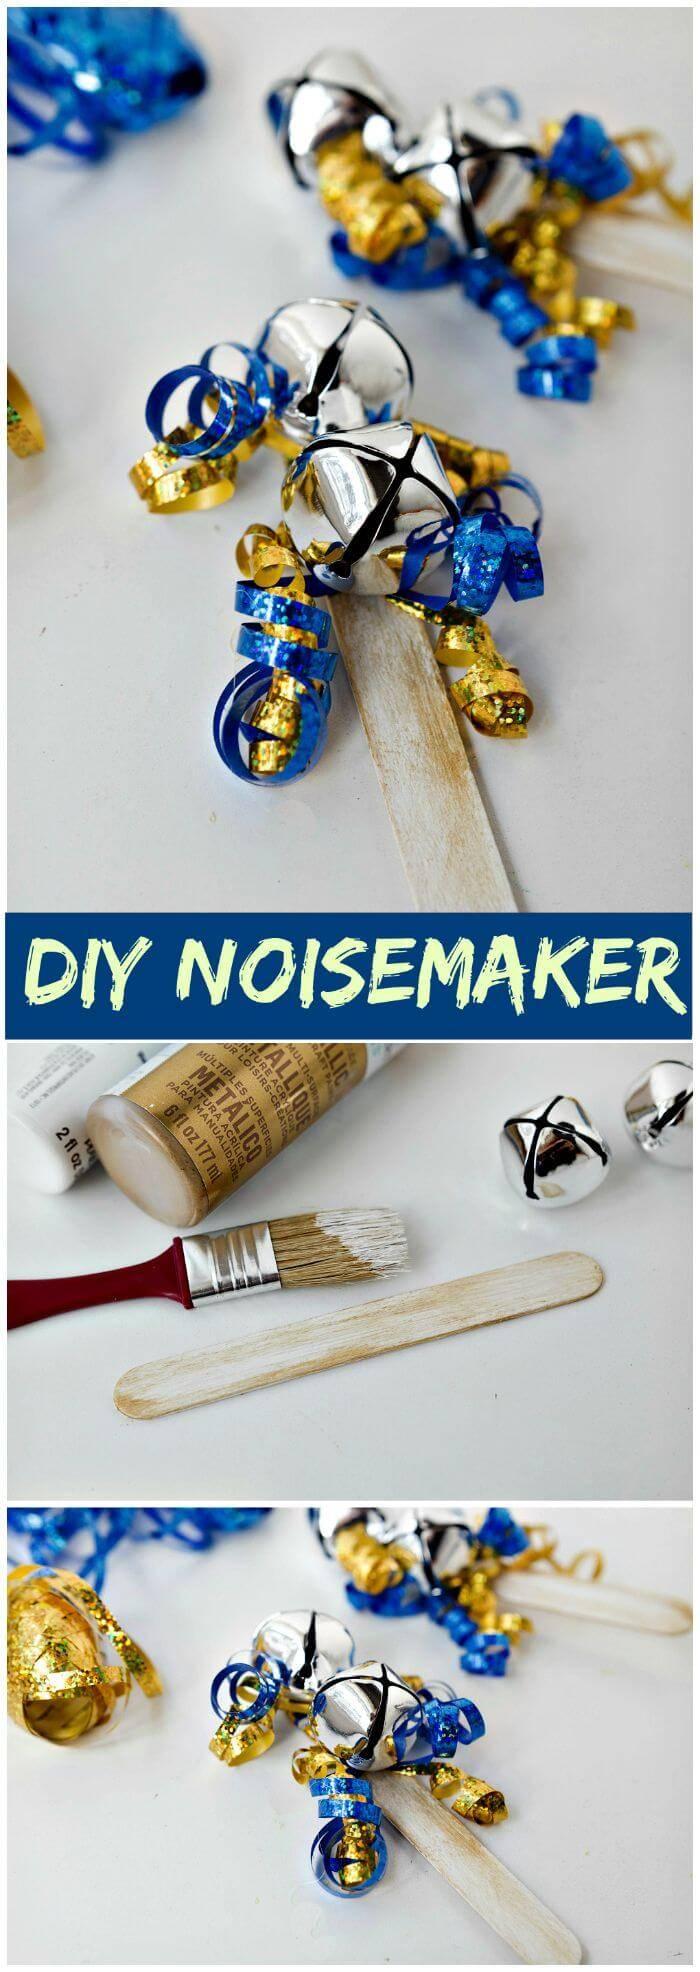 DIY Noisemaker